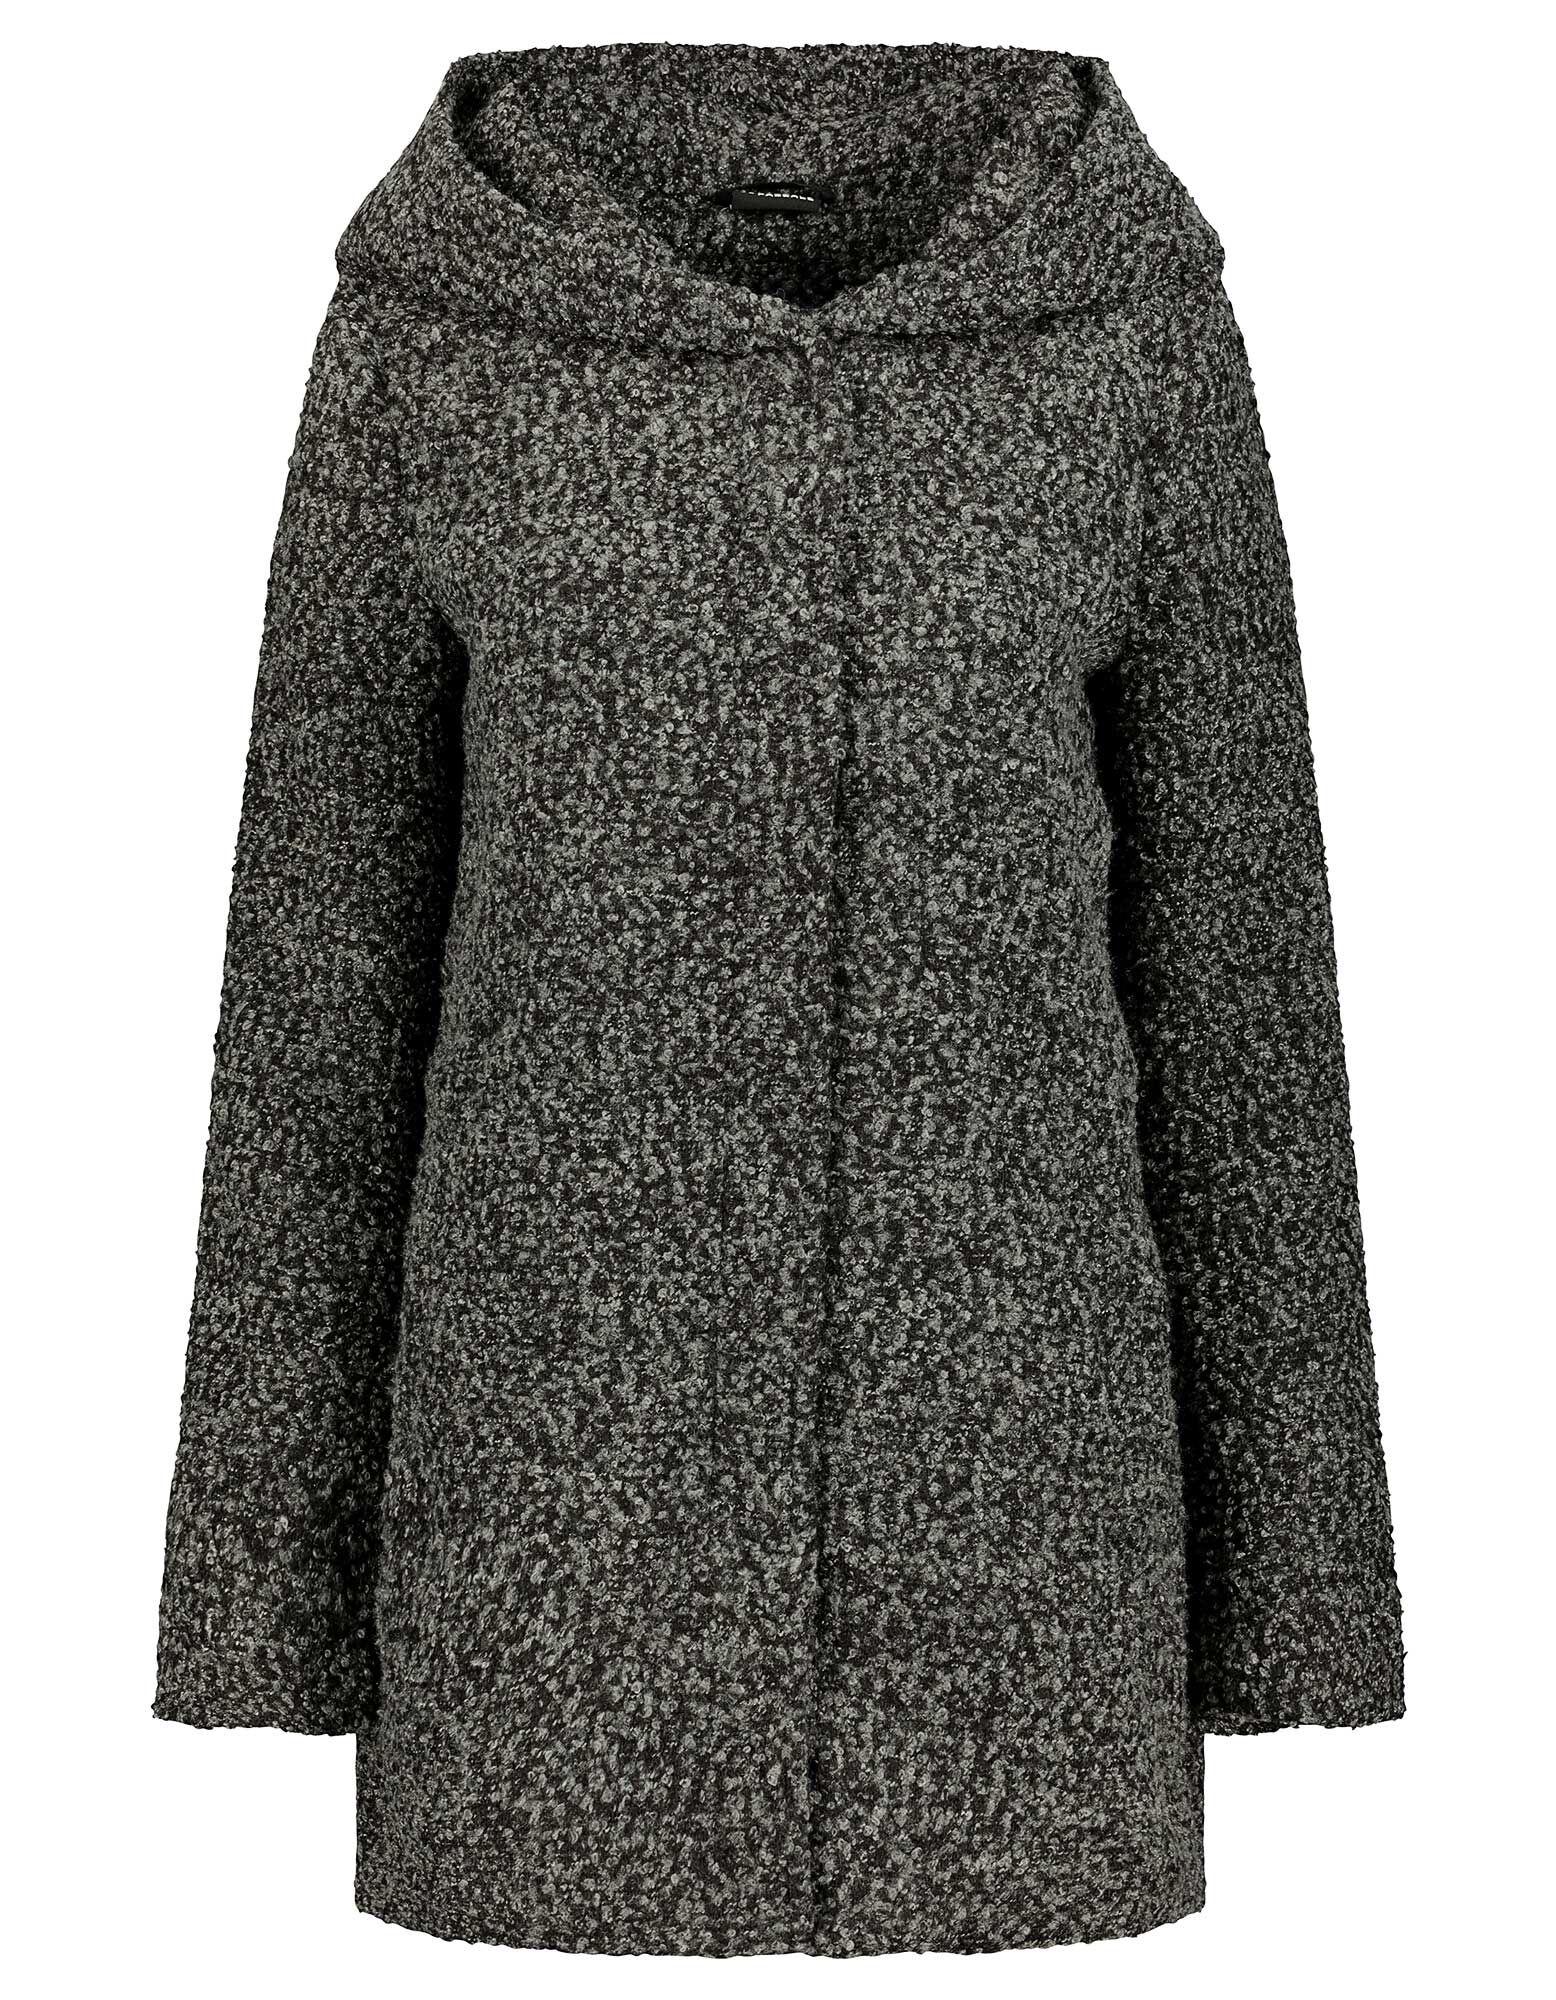 Jacken Damen Takko Fashion